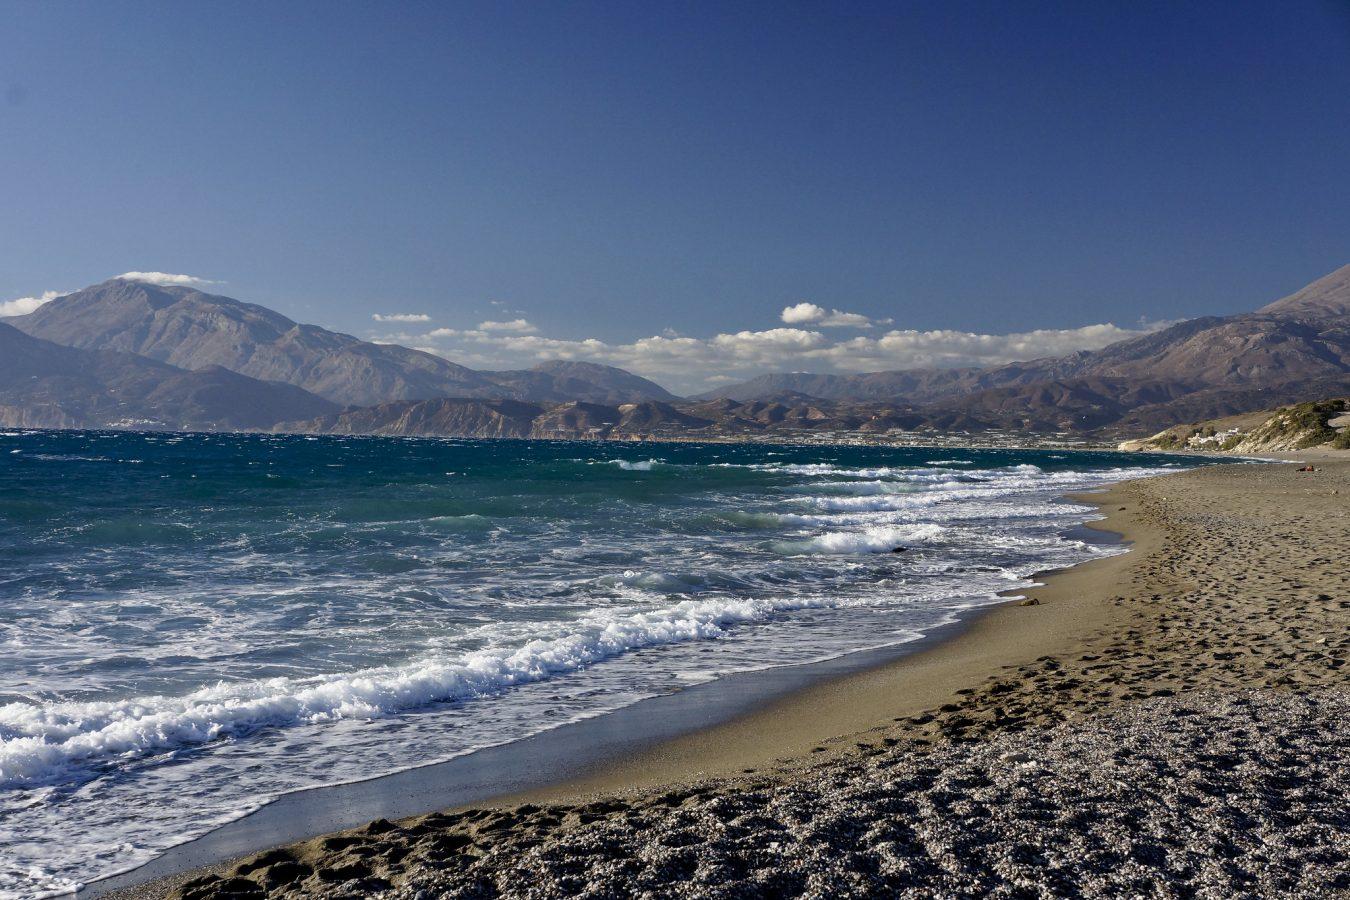 Kommos Beach on the Gulf of Mesara